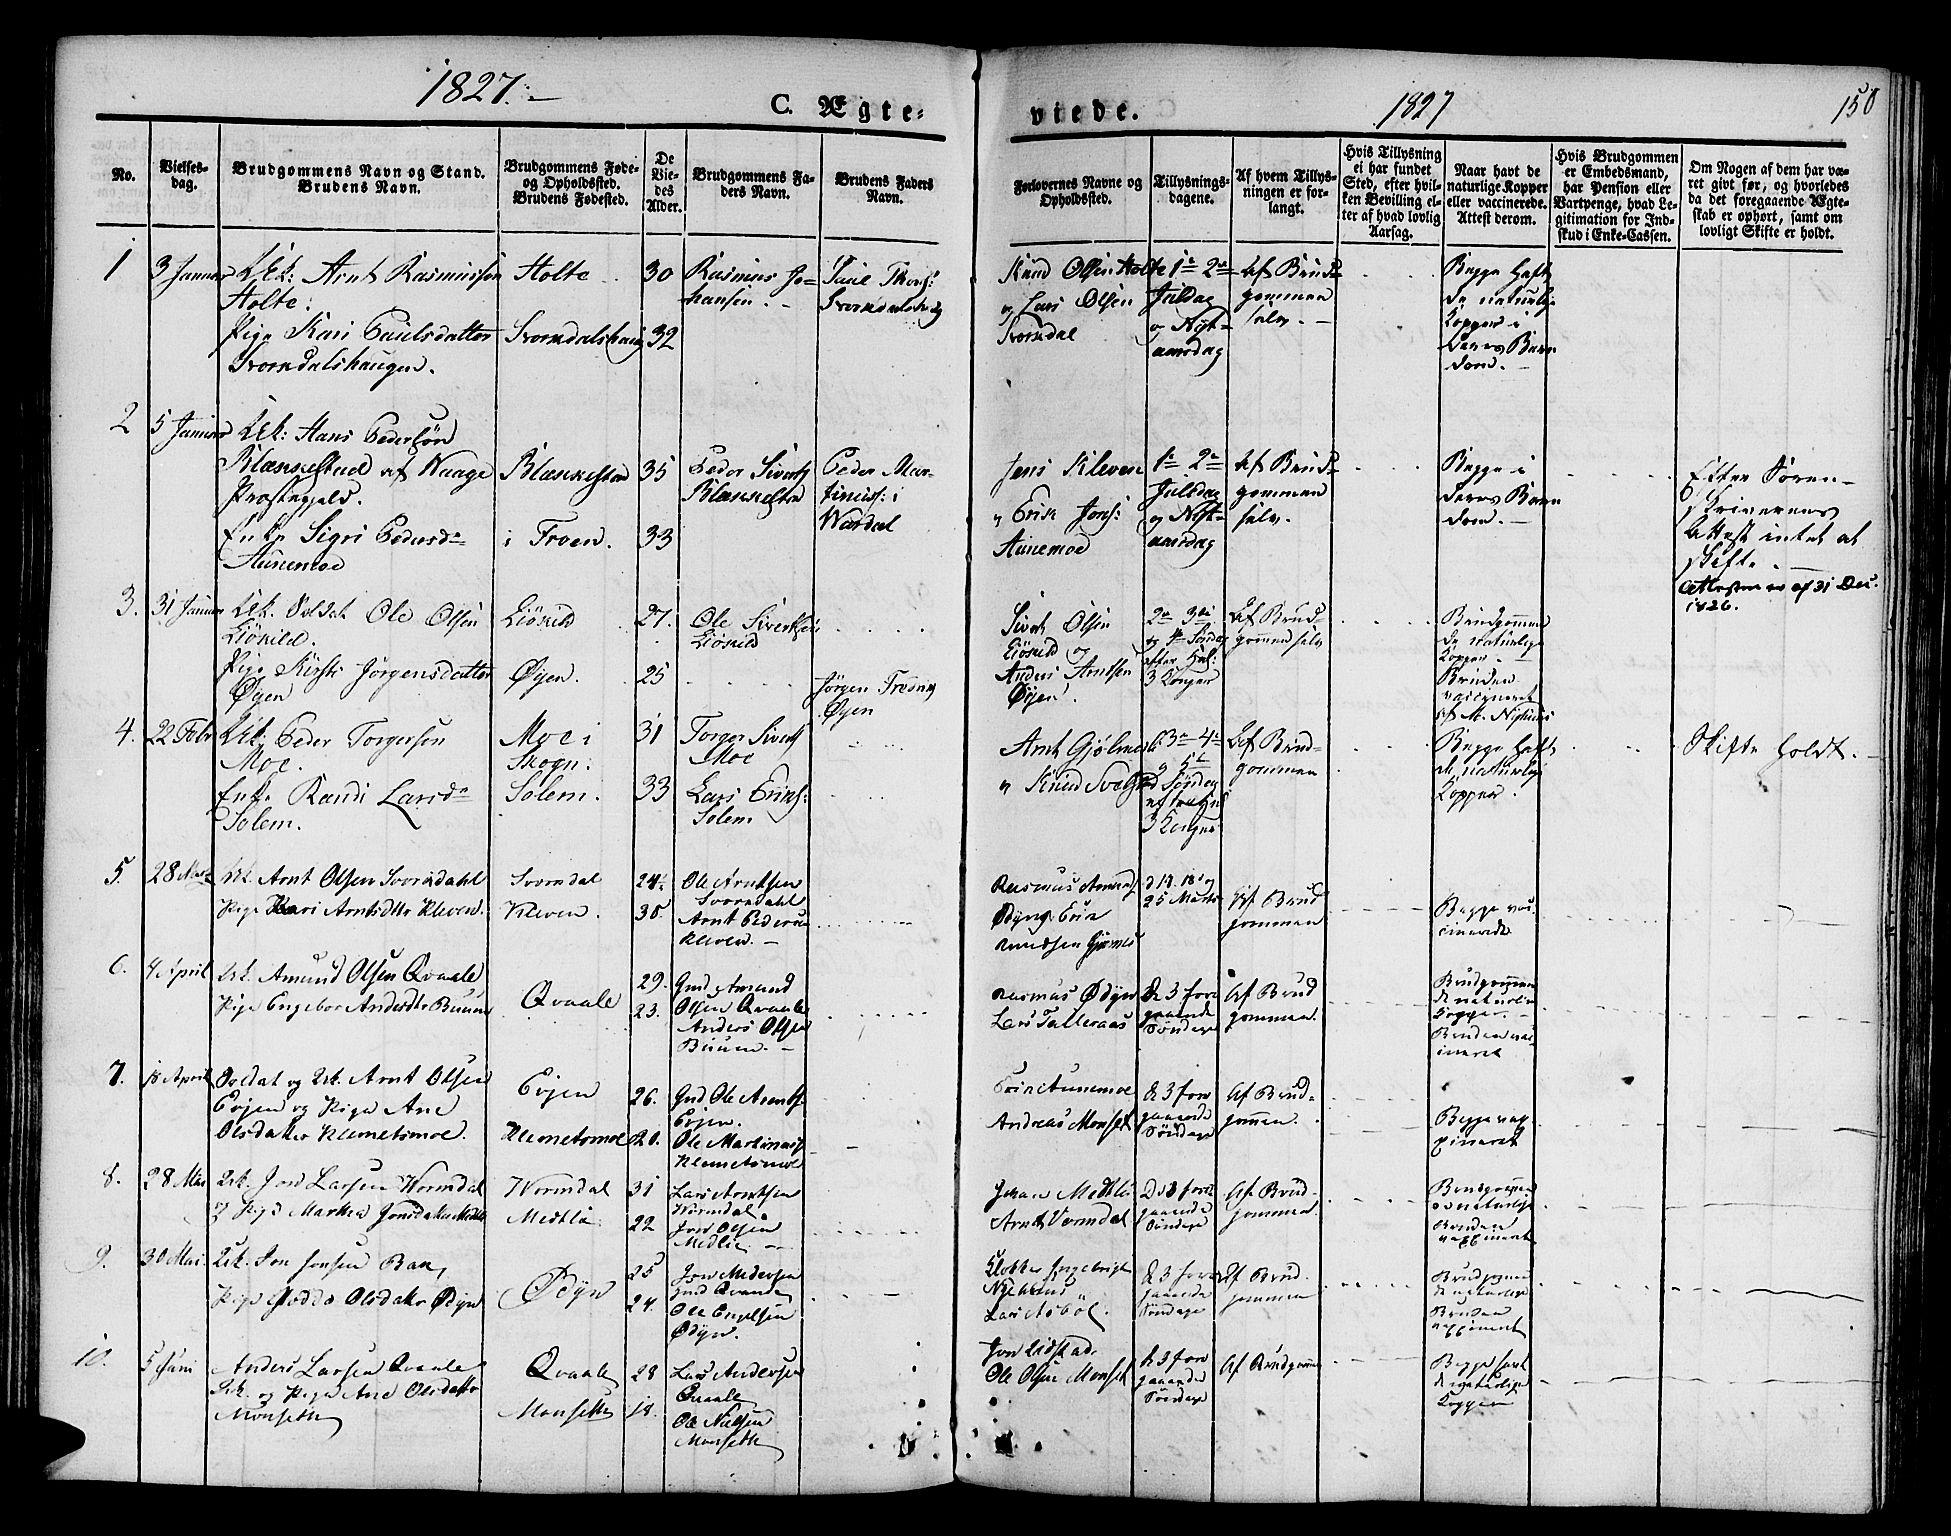 SAT, Ministerialprotokoller, klokkerbøker og fødselsregistre - Sør-Trøndelag, 668/L0804: Ministerialbok nr. 668A04, 1826-1839, s. 150